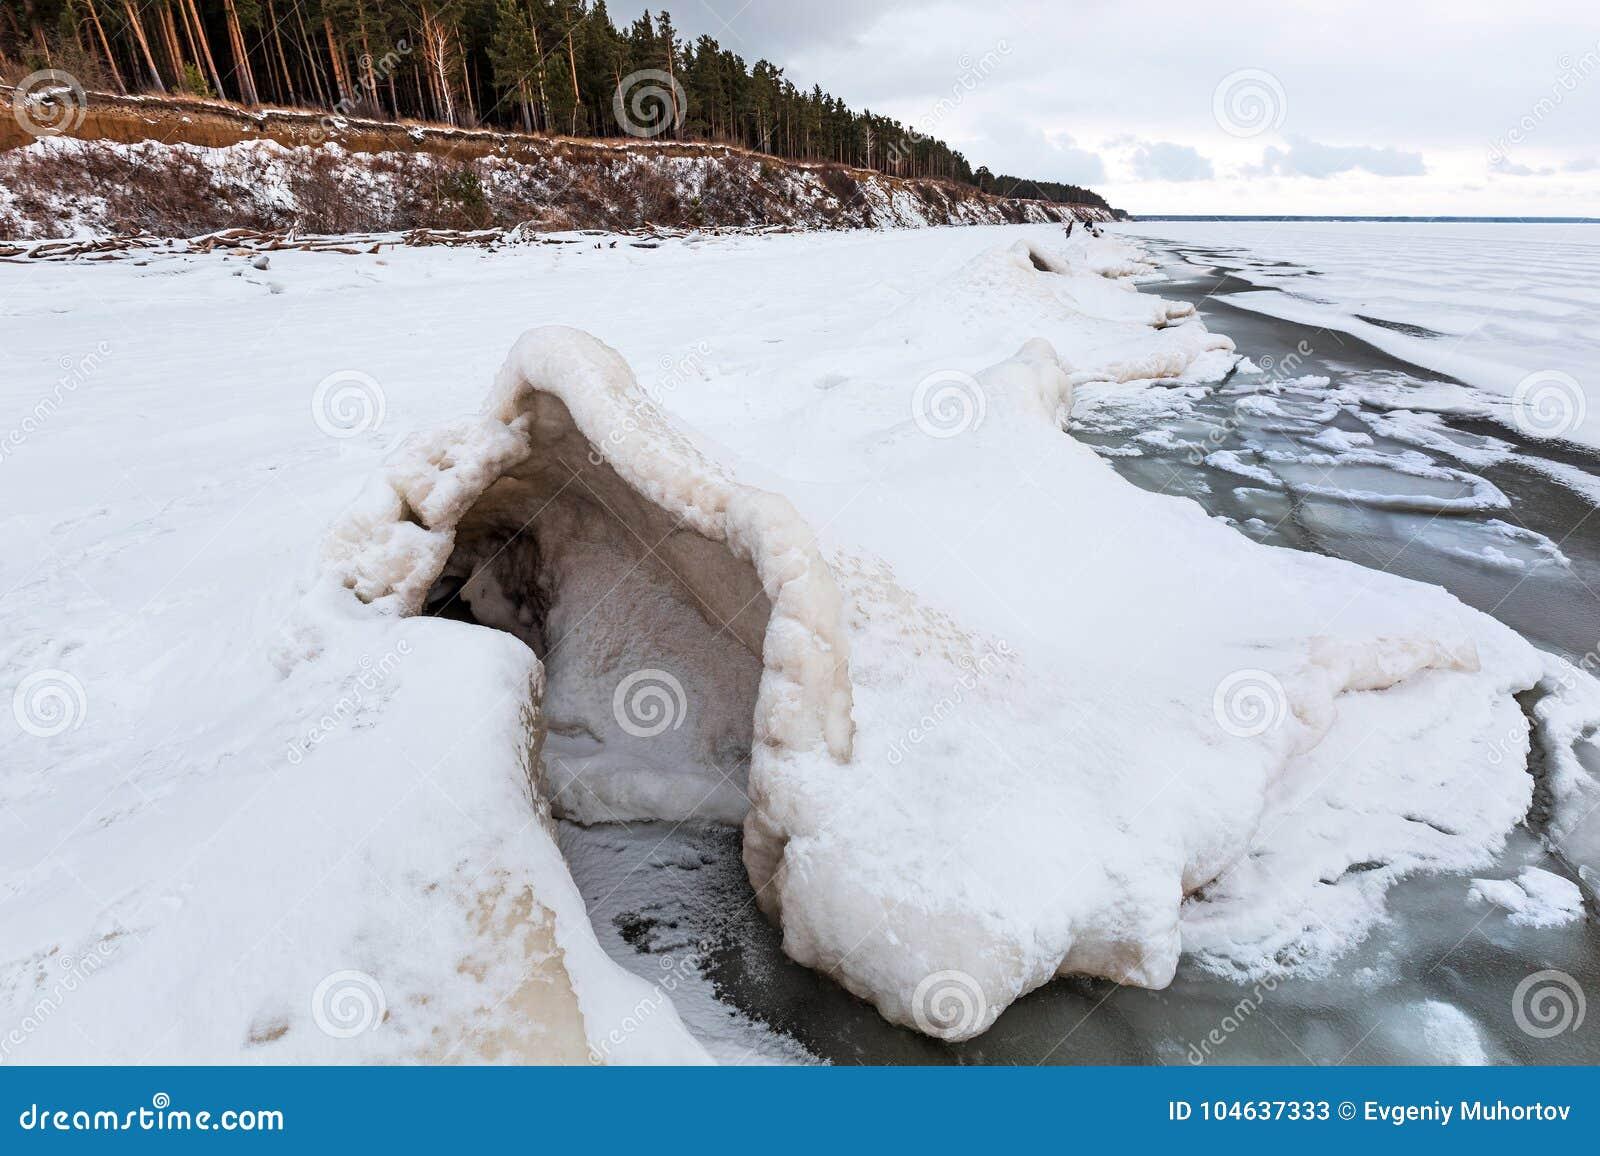 Download De Winterlandschap Met Ijsheuveltjes Op De Rivier De Ob-Rivier, S Stock Afbeelding - Afbeelding bestaande uit trechter, klimaat: 104637333